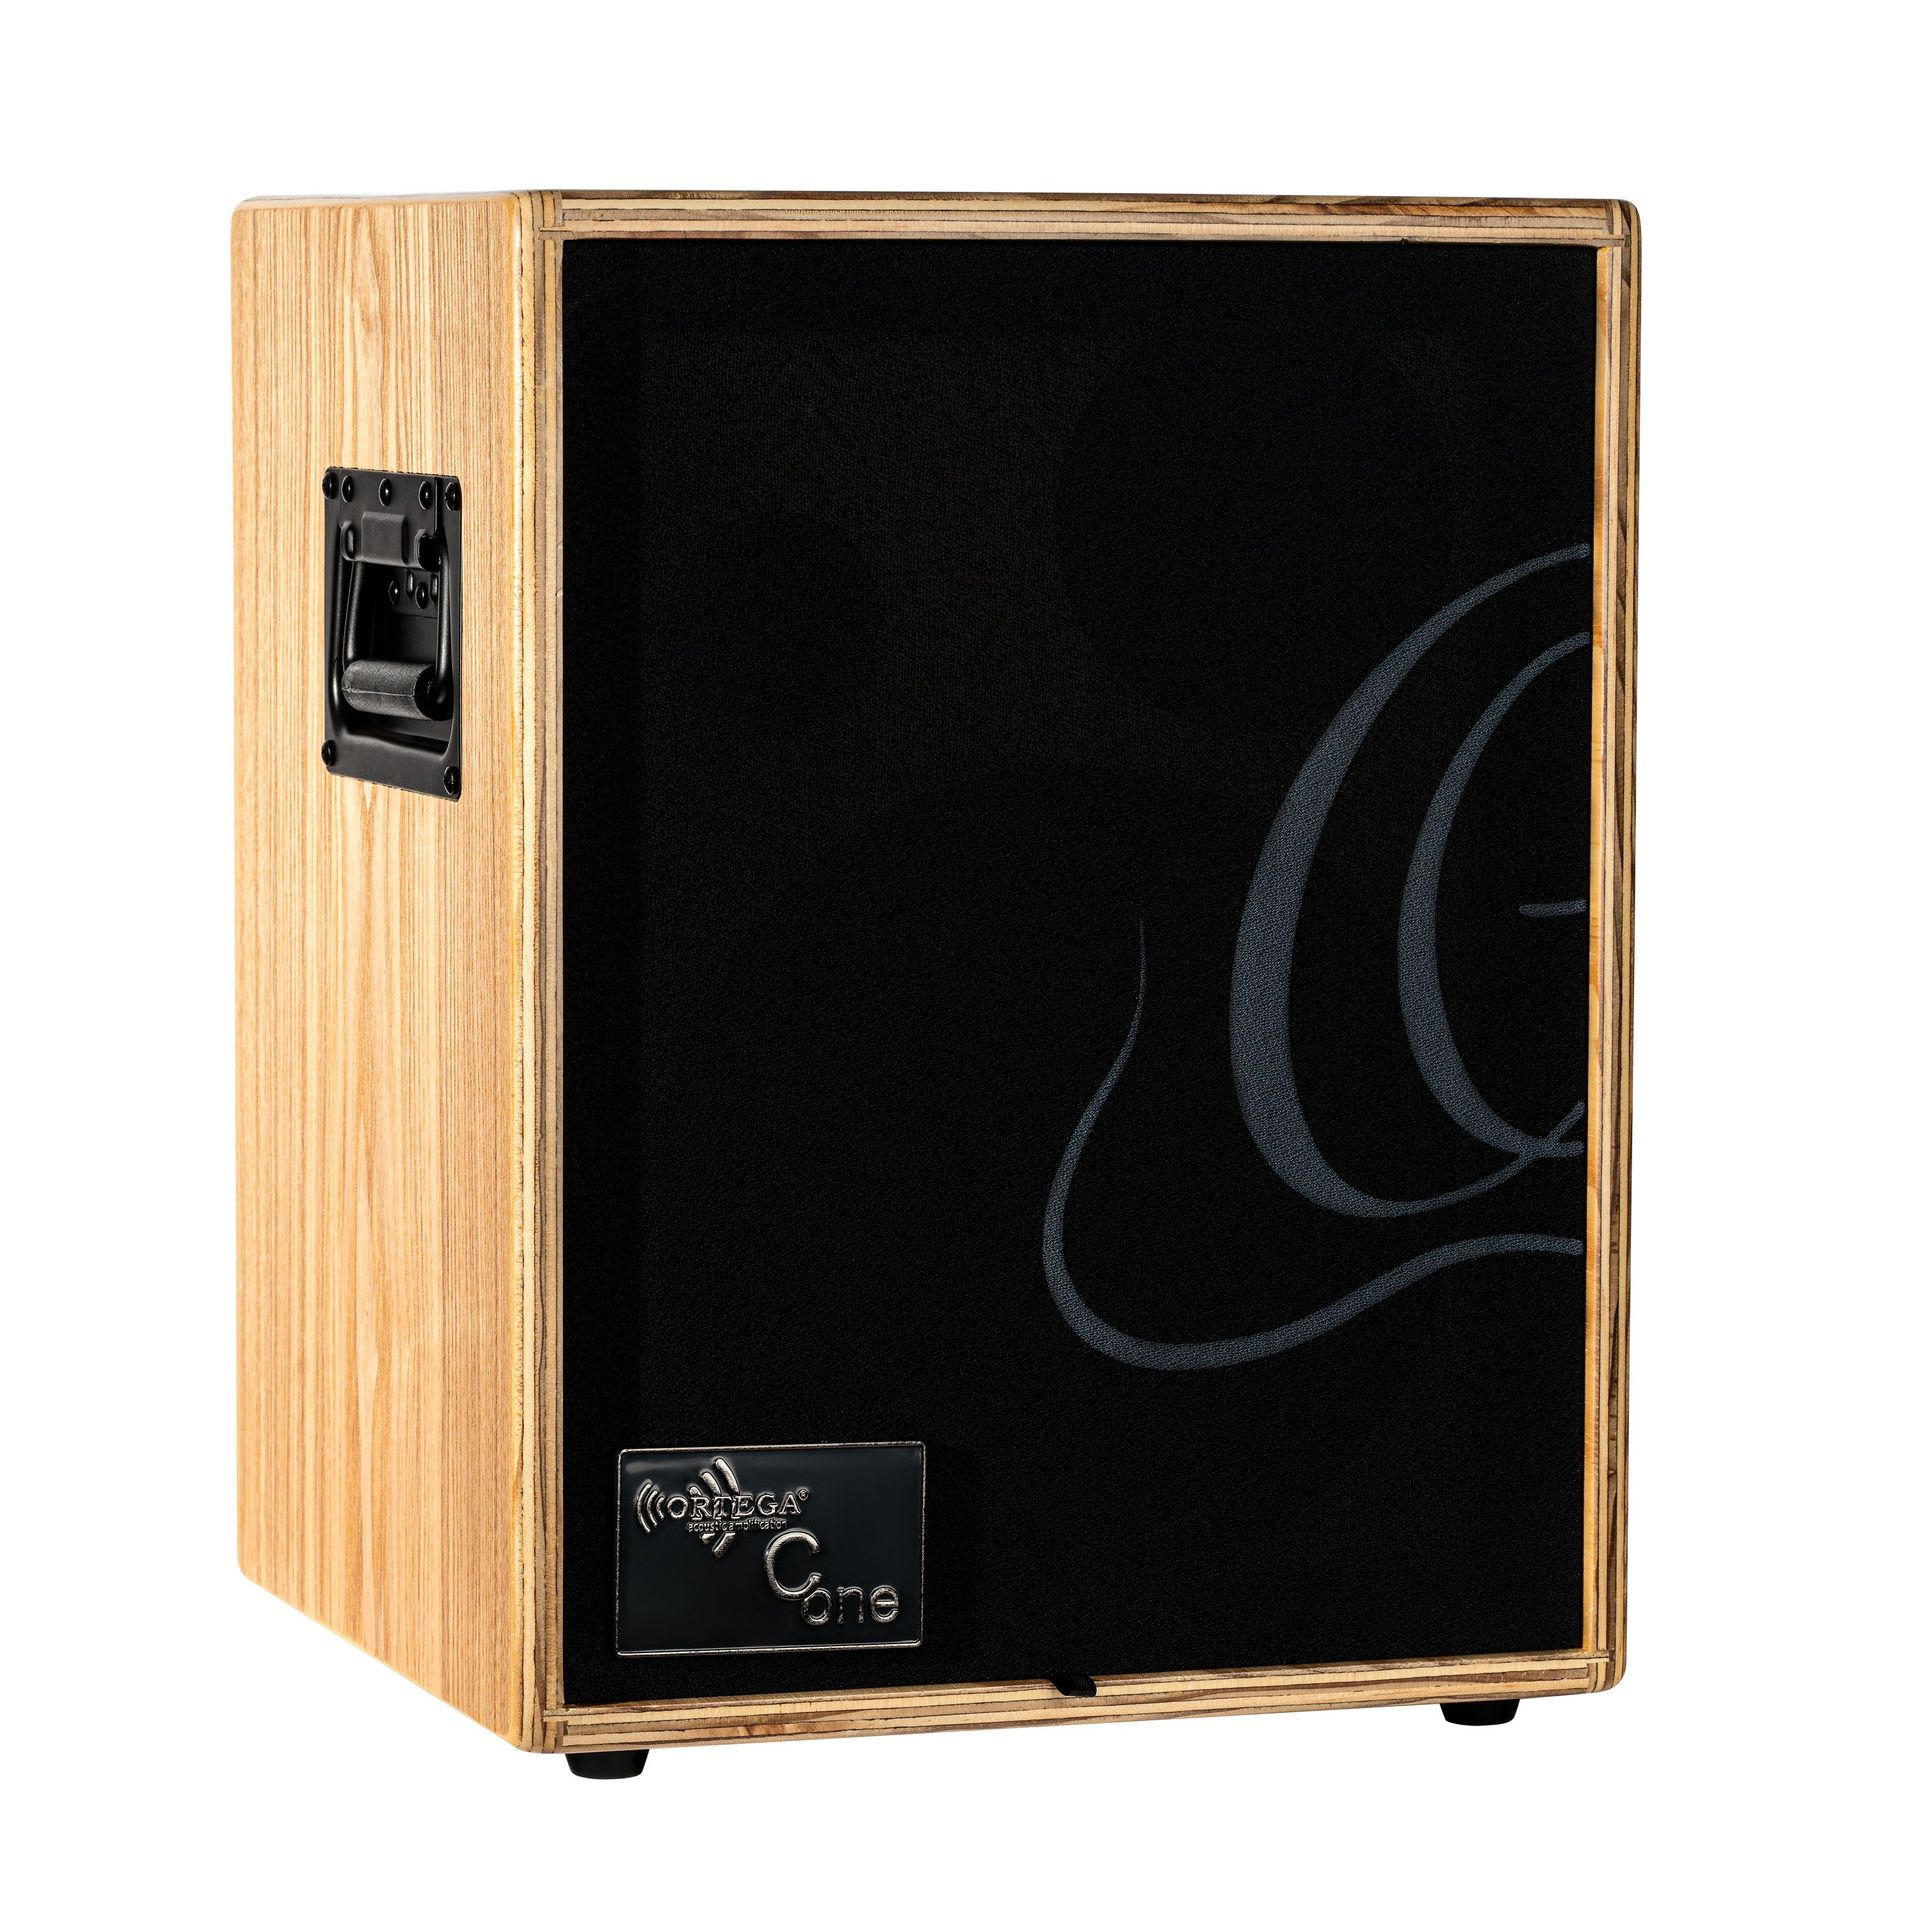 Ortega CONE-ASH Akustikverstärker 100 Watt Escheoptik